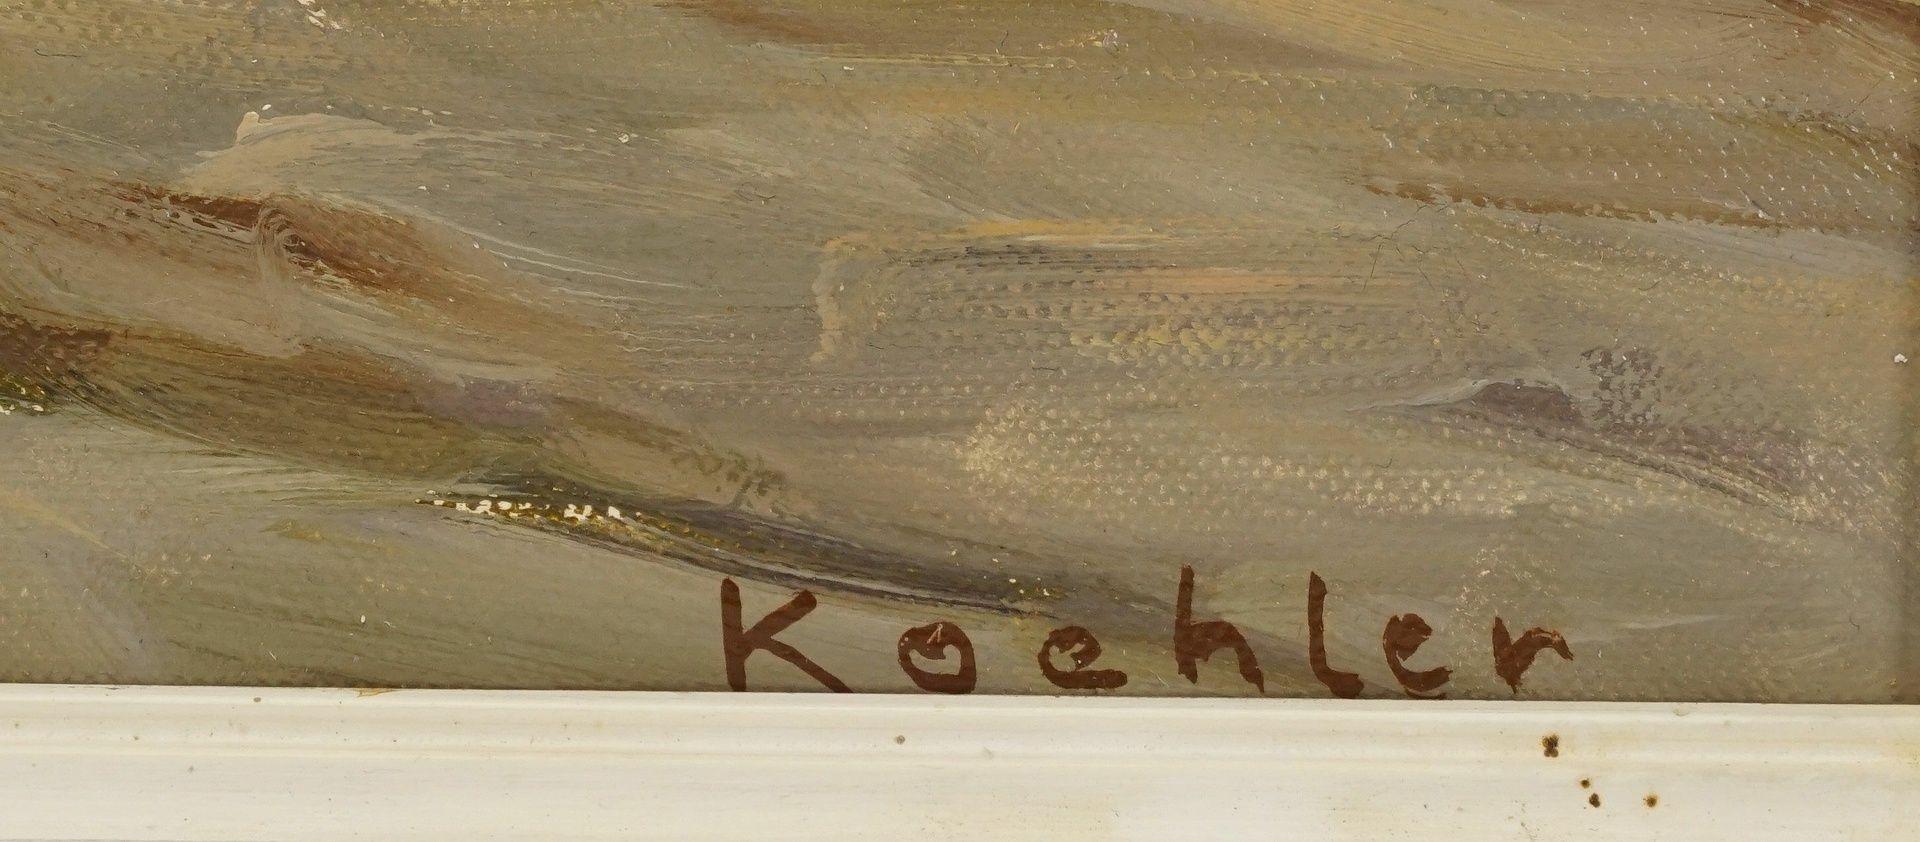 Koehler, Harzlandschaft mit Brockenblick - Bild 4 aus 4